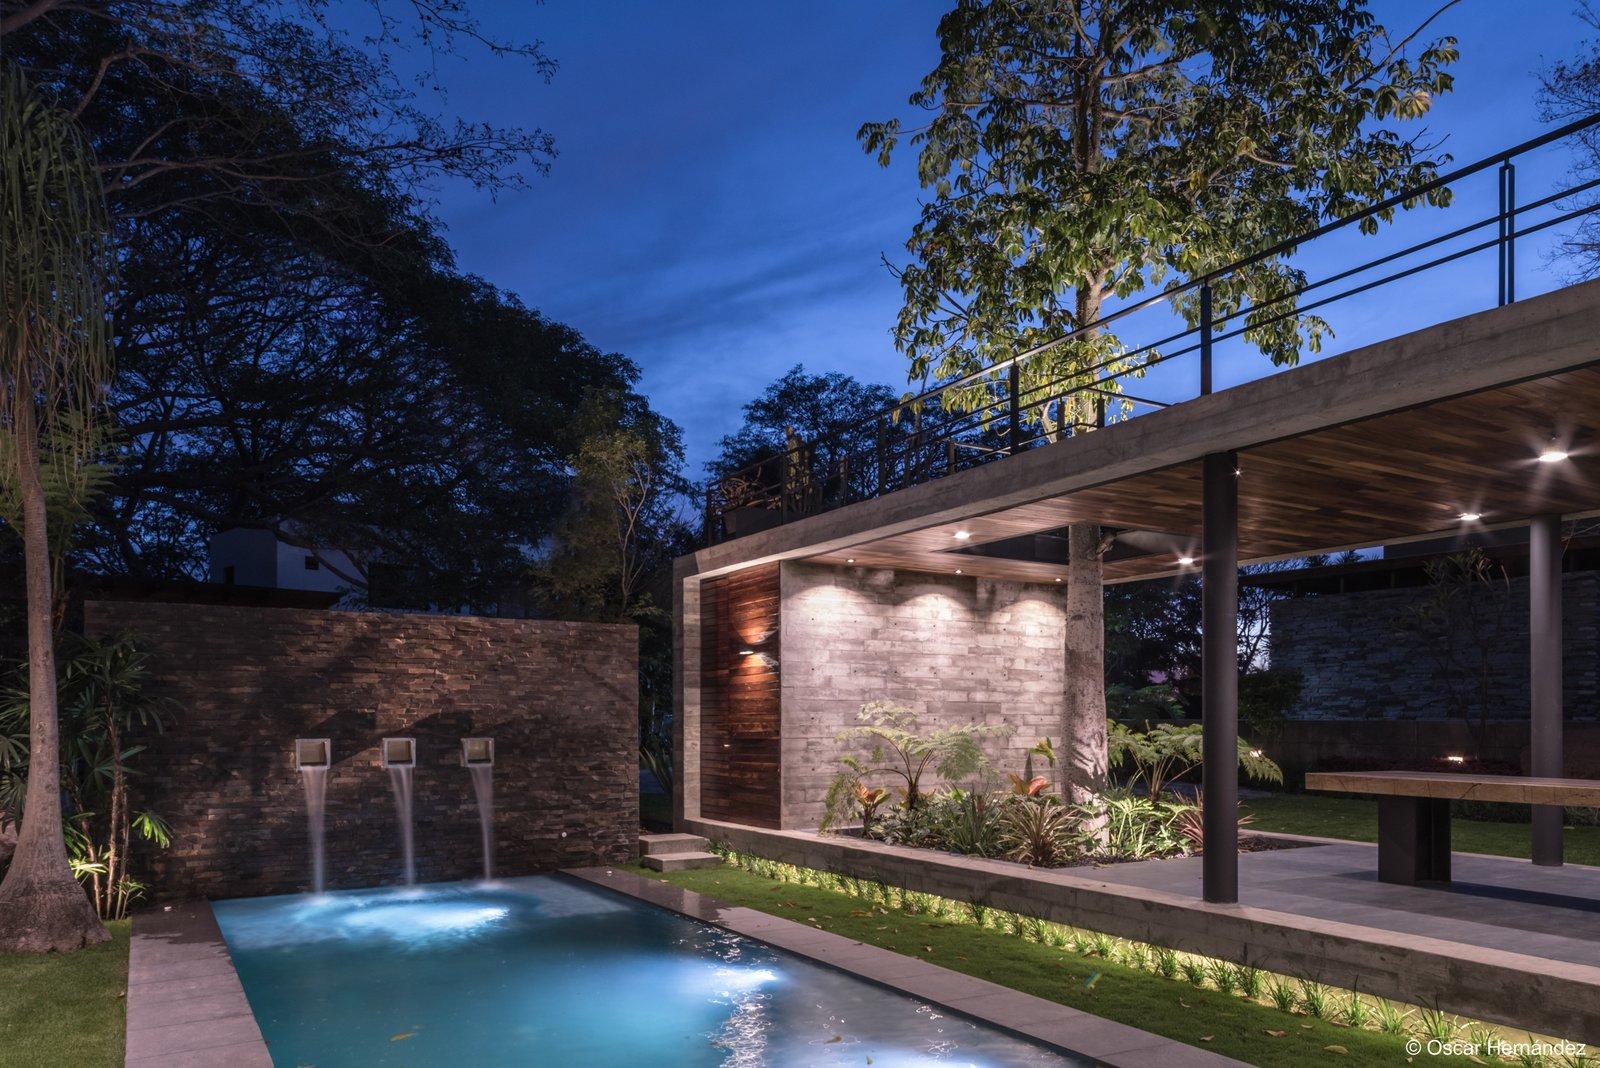 The Kalyvas Fontaine  Casa Kalyvas by Taller de Arquitectura